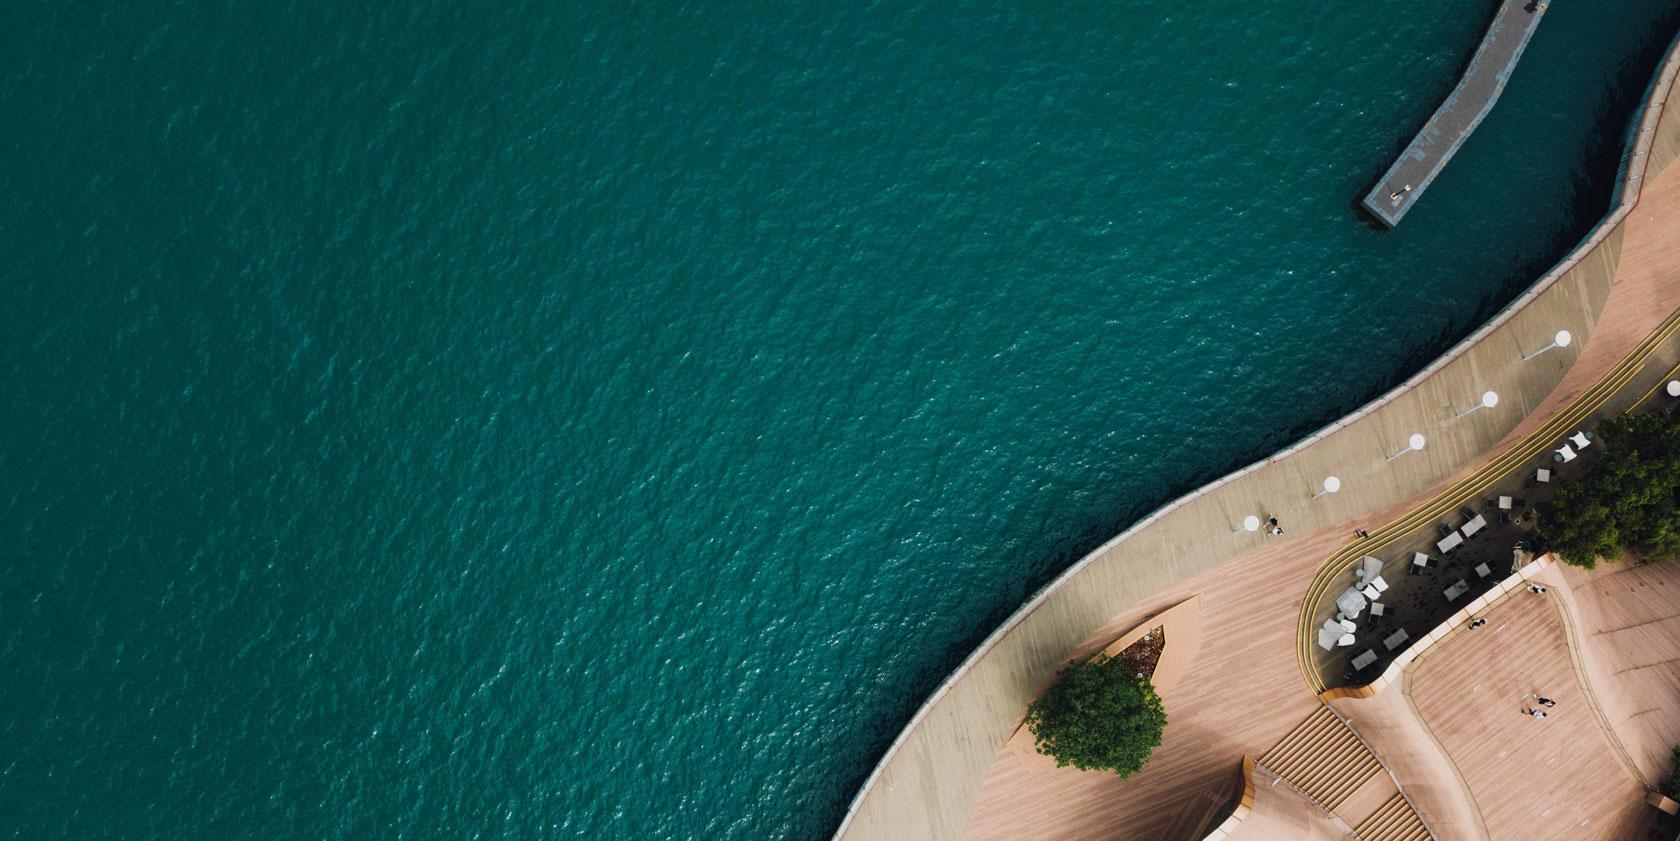 sea parts